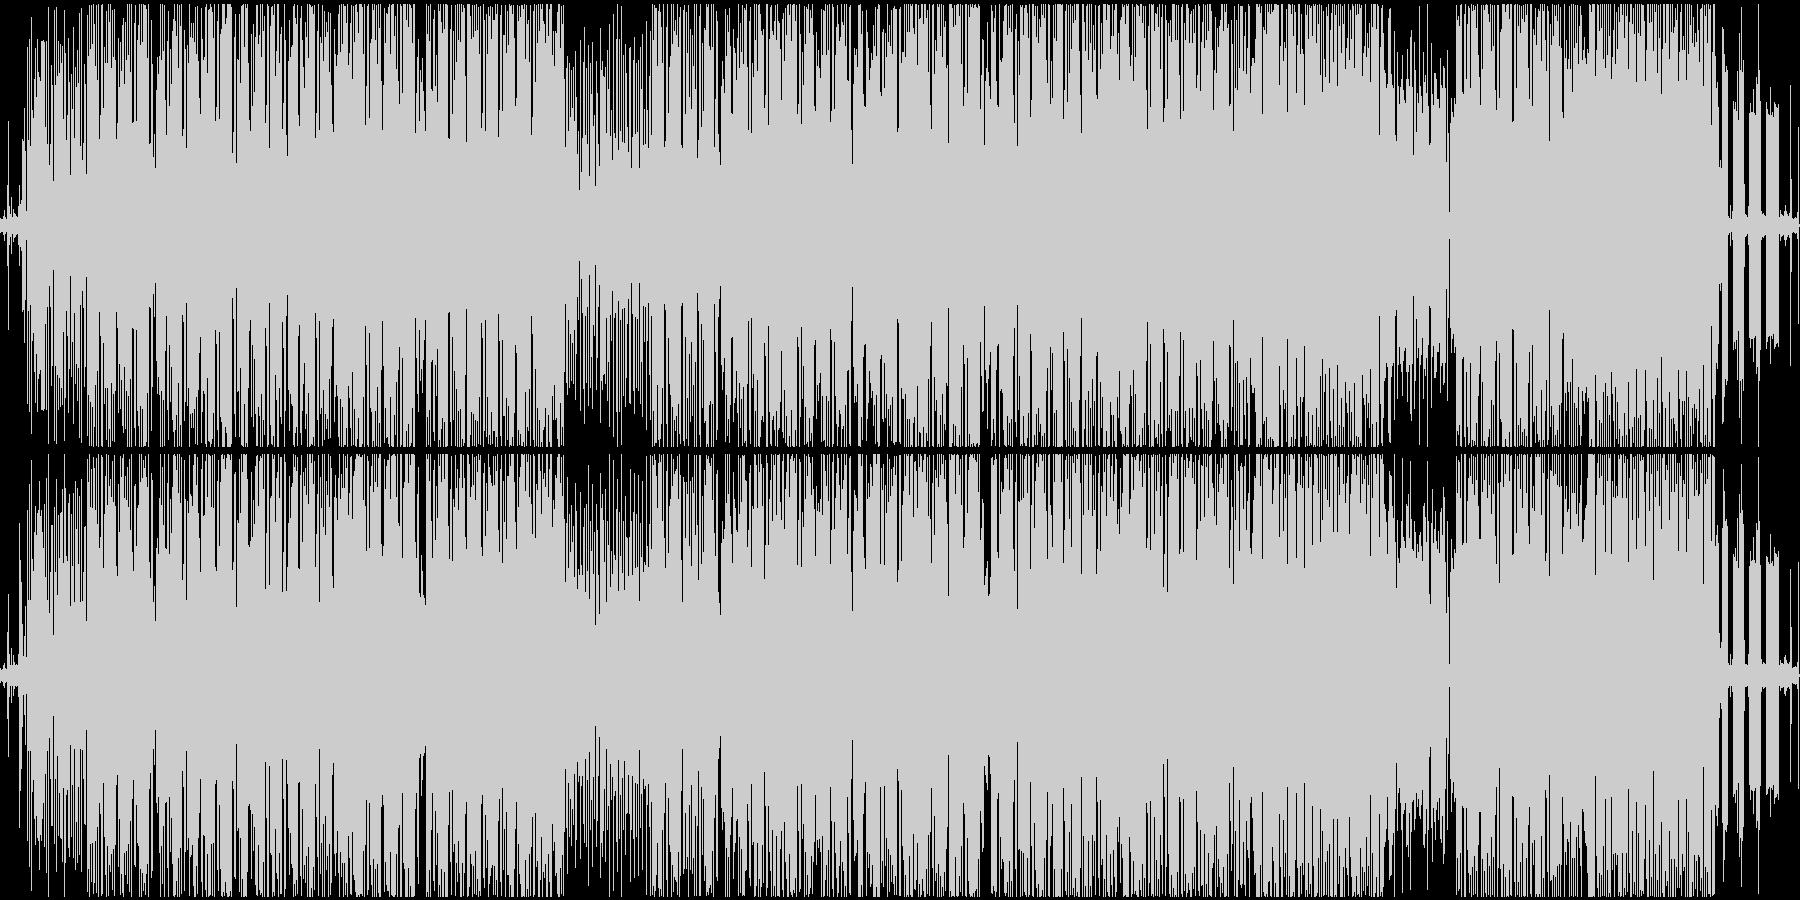 ヒップホップ風のファンキーなR&Bの未再生の波形